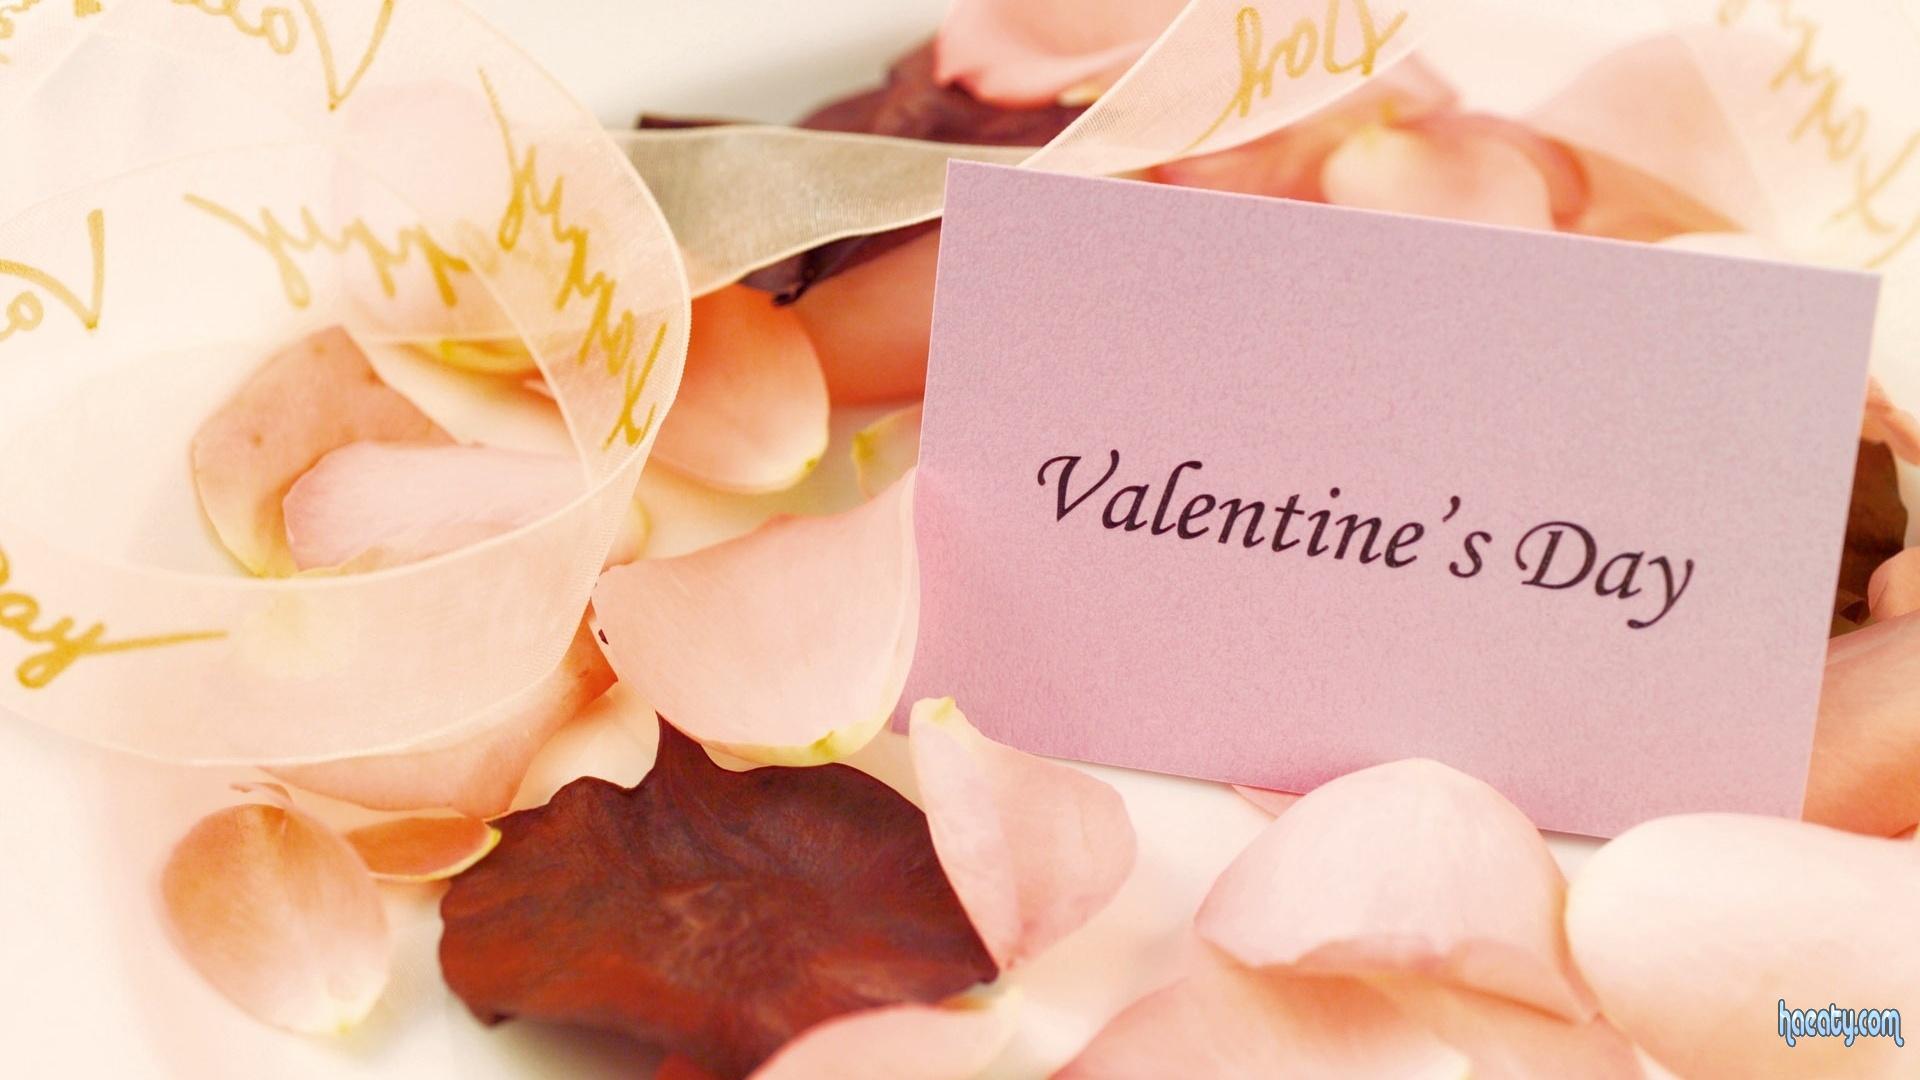 الفلانتين داي2014-Download Happy Valentines Background 139168699983.jpg